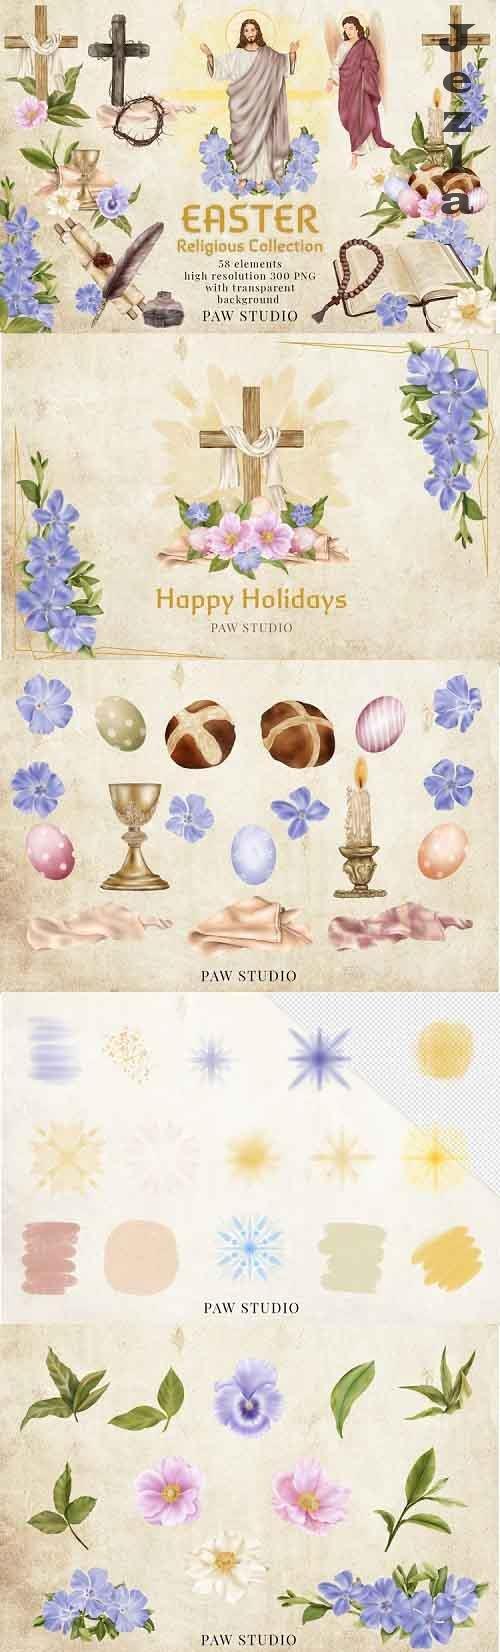 Religious Easter Clipart Jesus Risen Cross Spring Flowers - 1216066